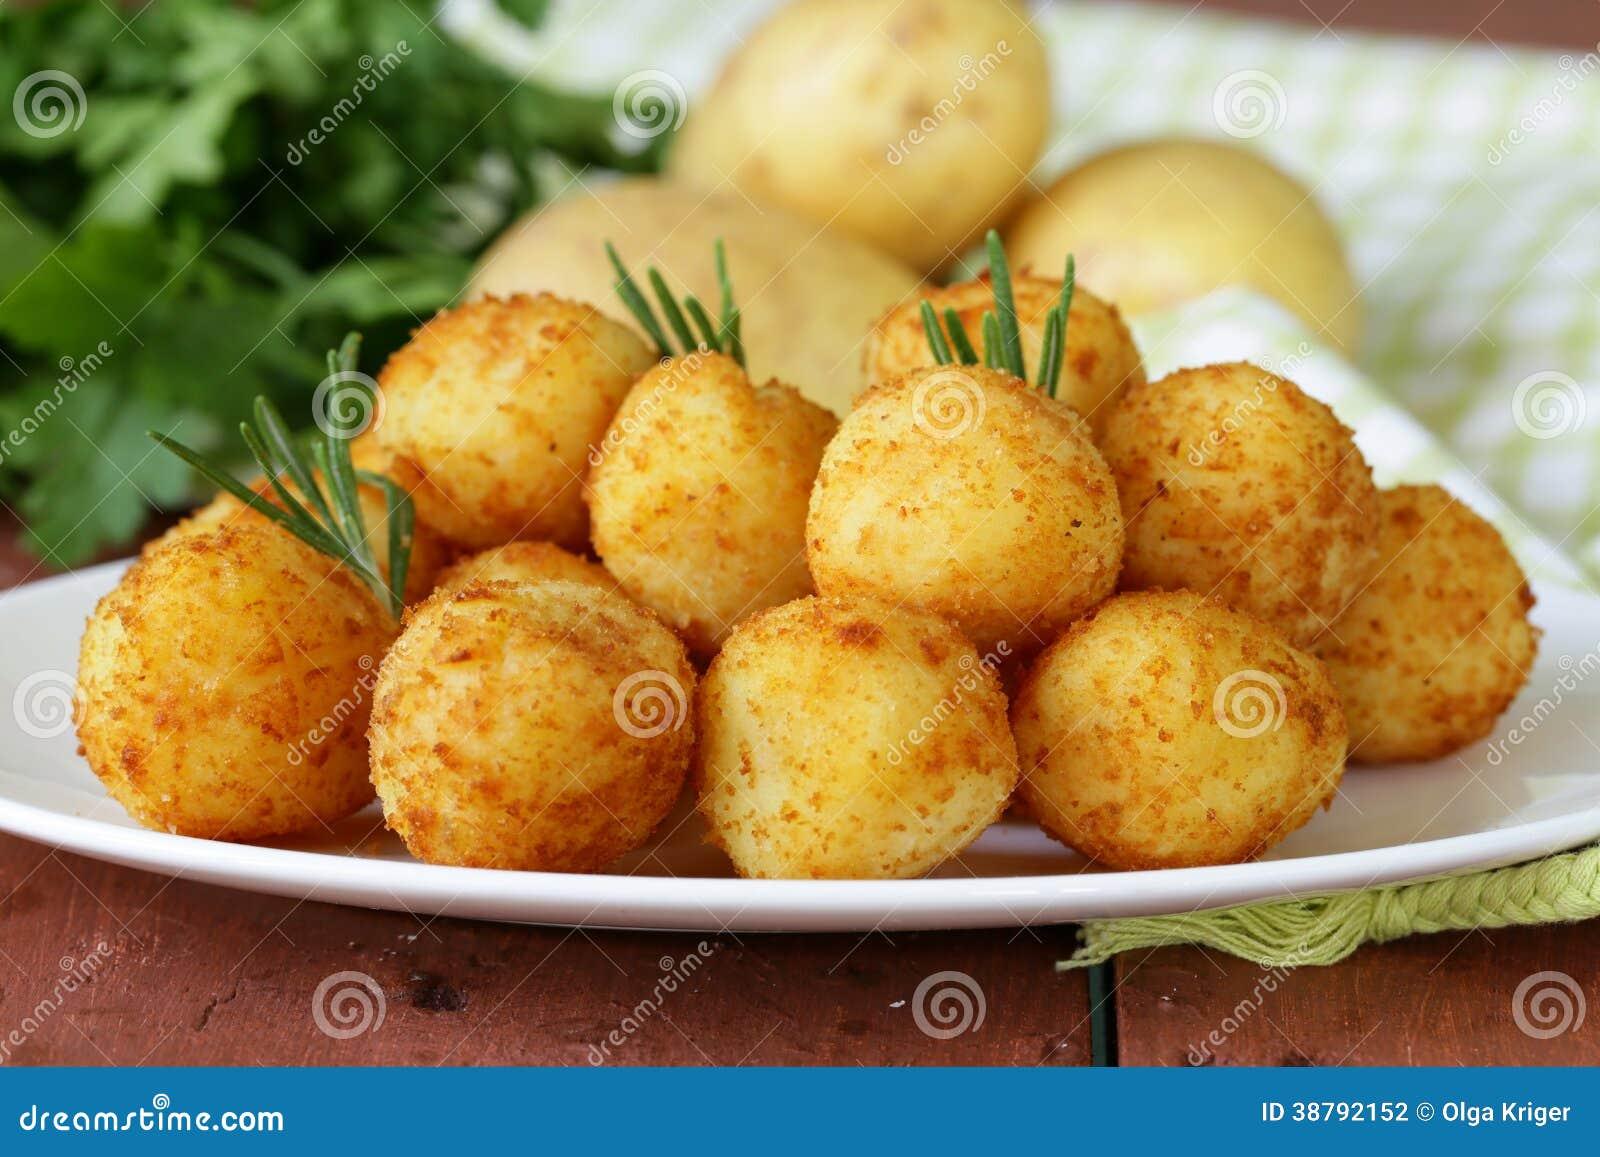 boules frites de pomme de terre croquettes photo stock image 38792152. Black Bedroom Furniture Sets. Home Design Ideas